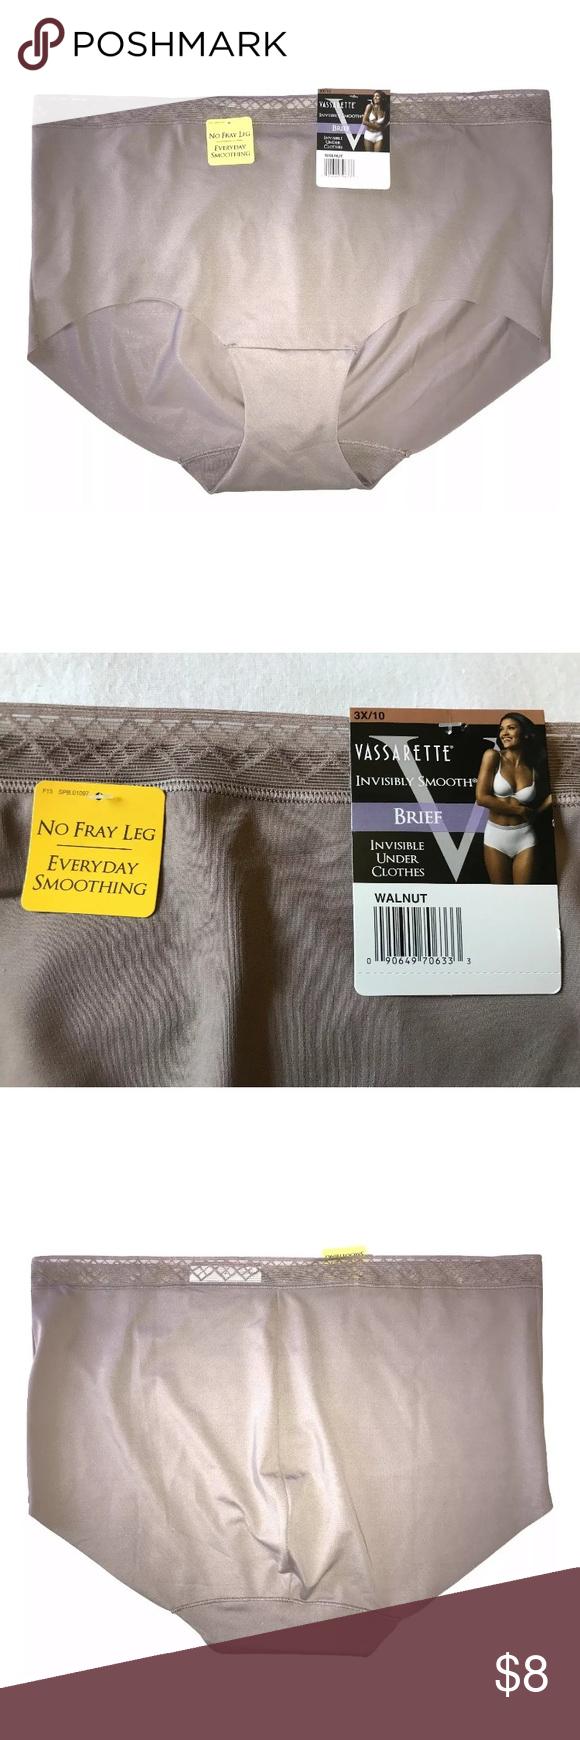 7a5e5c492cb1 Vassarette Invisibly Smooth Nylon Brief Panty Vassarette Invisibly Smooth  Nylon Stretch Brief Panty SIZE 3X/